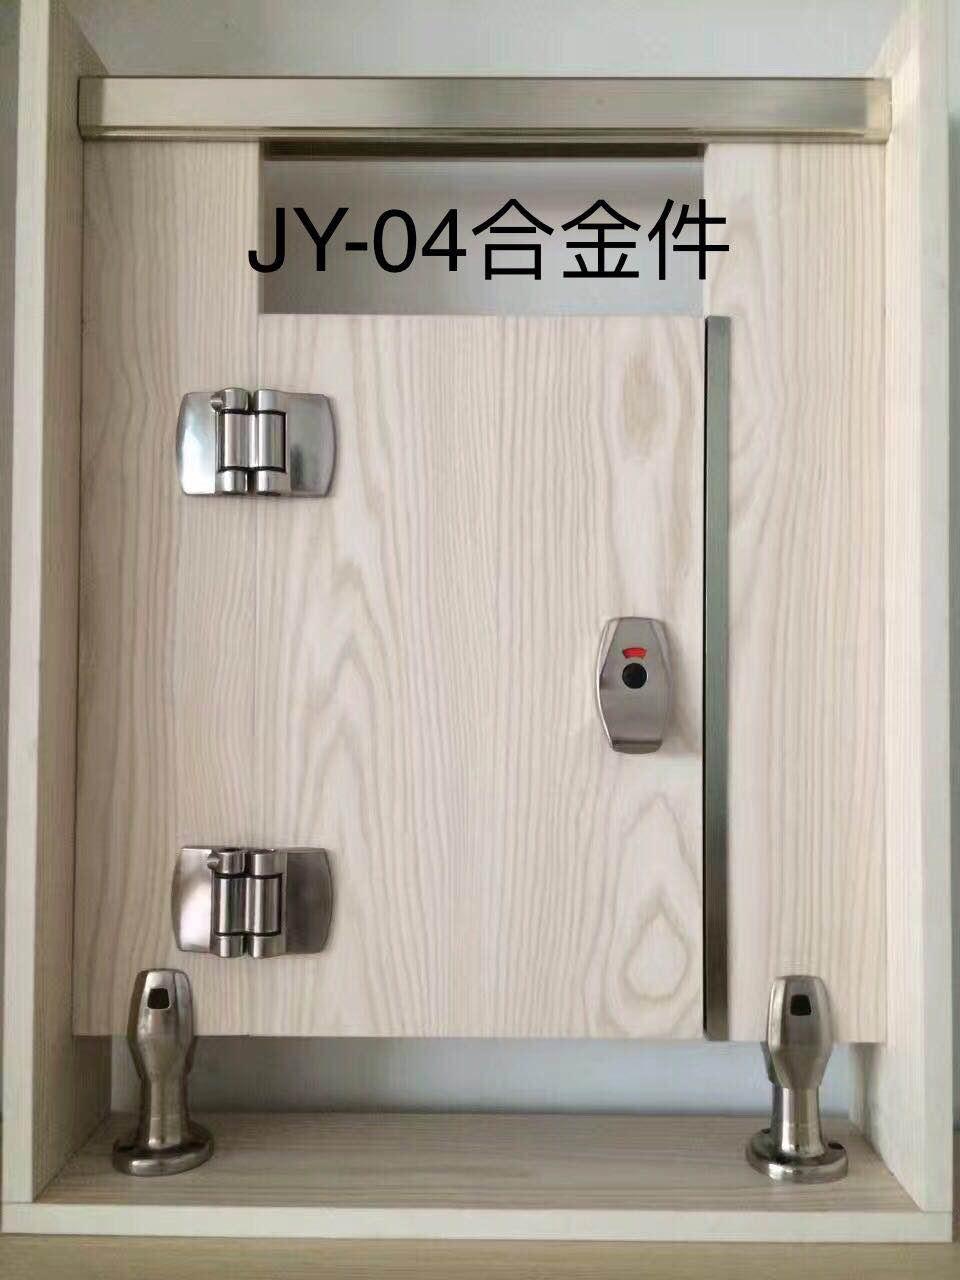 卫生间隔断小样JY-04合金